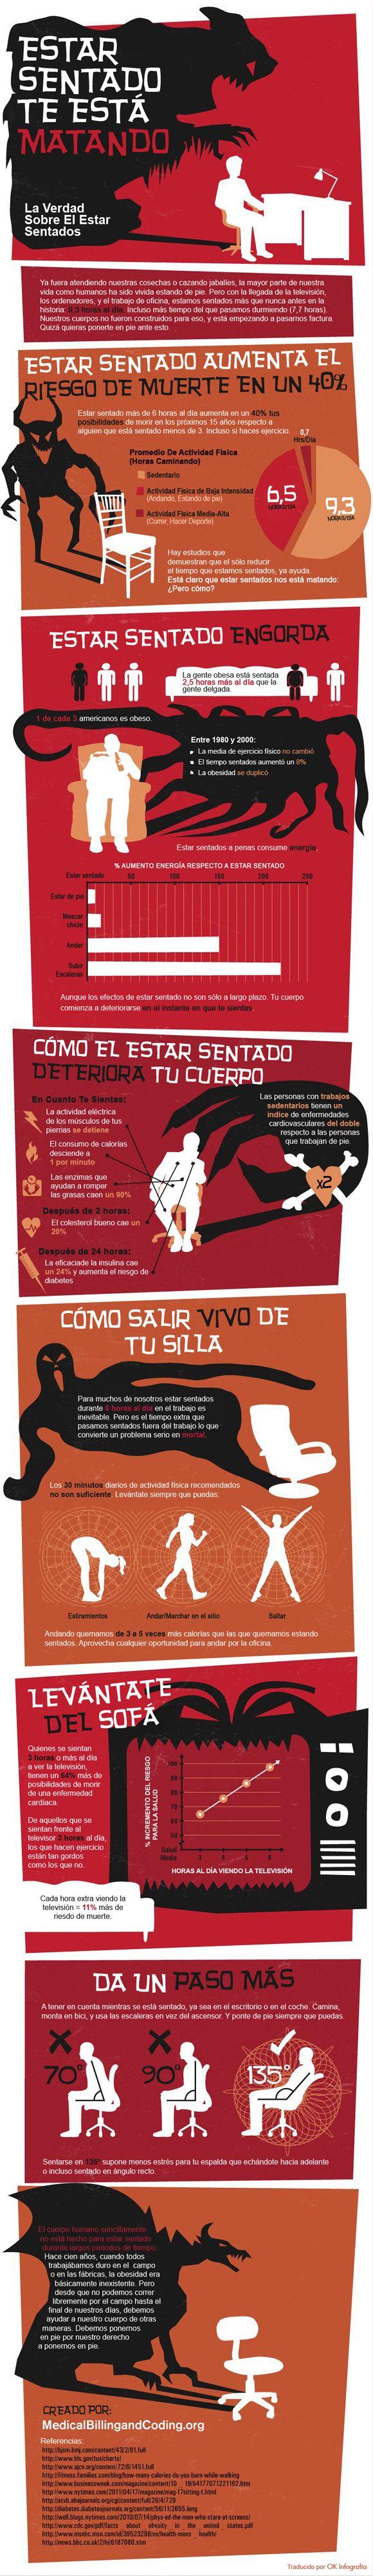 Infografía Estar sentado durante más horas al día puede quitarte años de vida : un artículo de CNN México para completar la infografía : http://mexico.cnn.com/salud/2011/06/28/estar-sentado-durante-mas-horas-al-dia-puede-quitarte-anos-de-vida